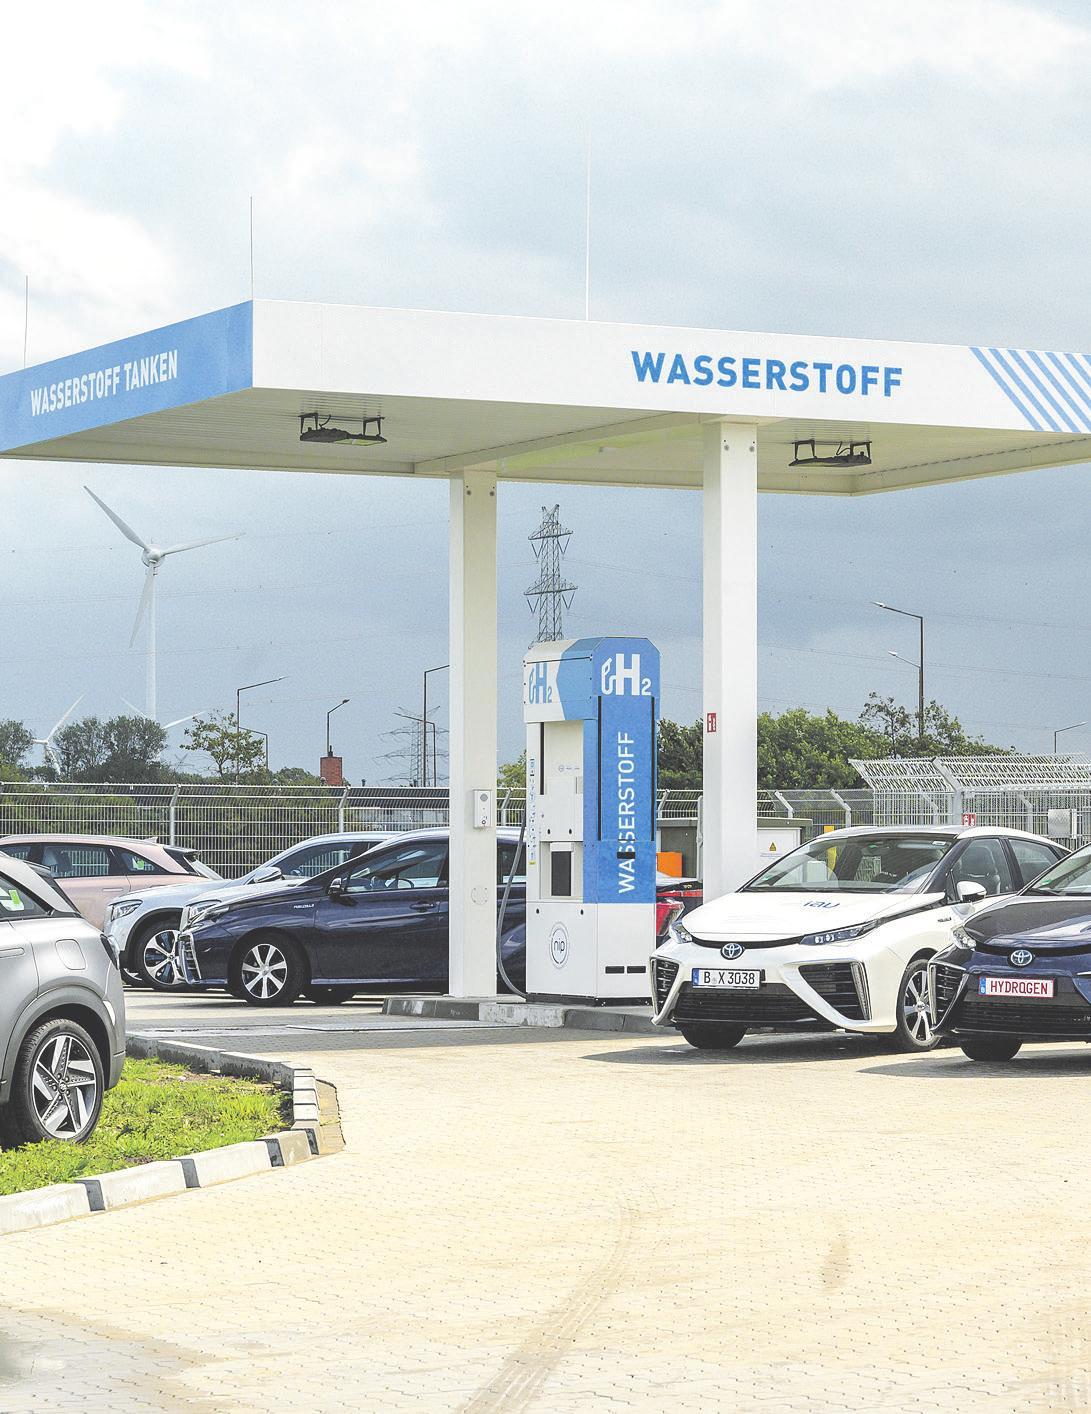 Eine Wasserstoff-Tankstelle im schleswig-holsteinischen Brunsbüttel, davor einige mit Wasserstoff betriebenen Brennstoffzellen-Automobile